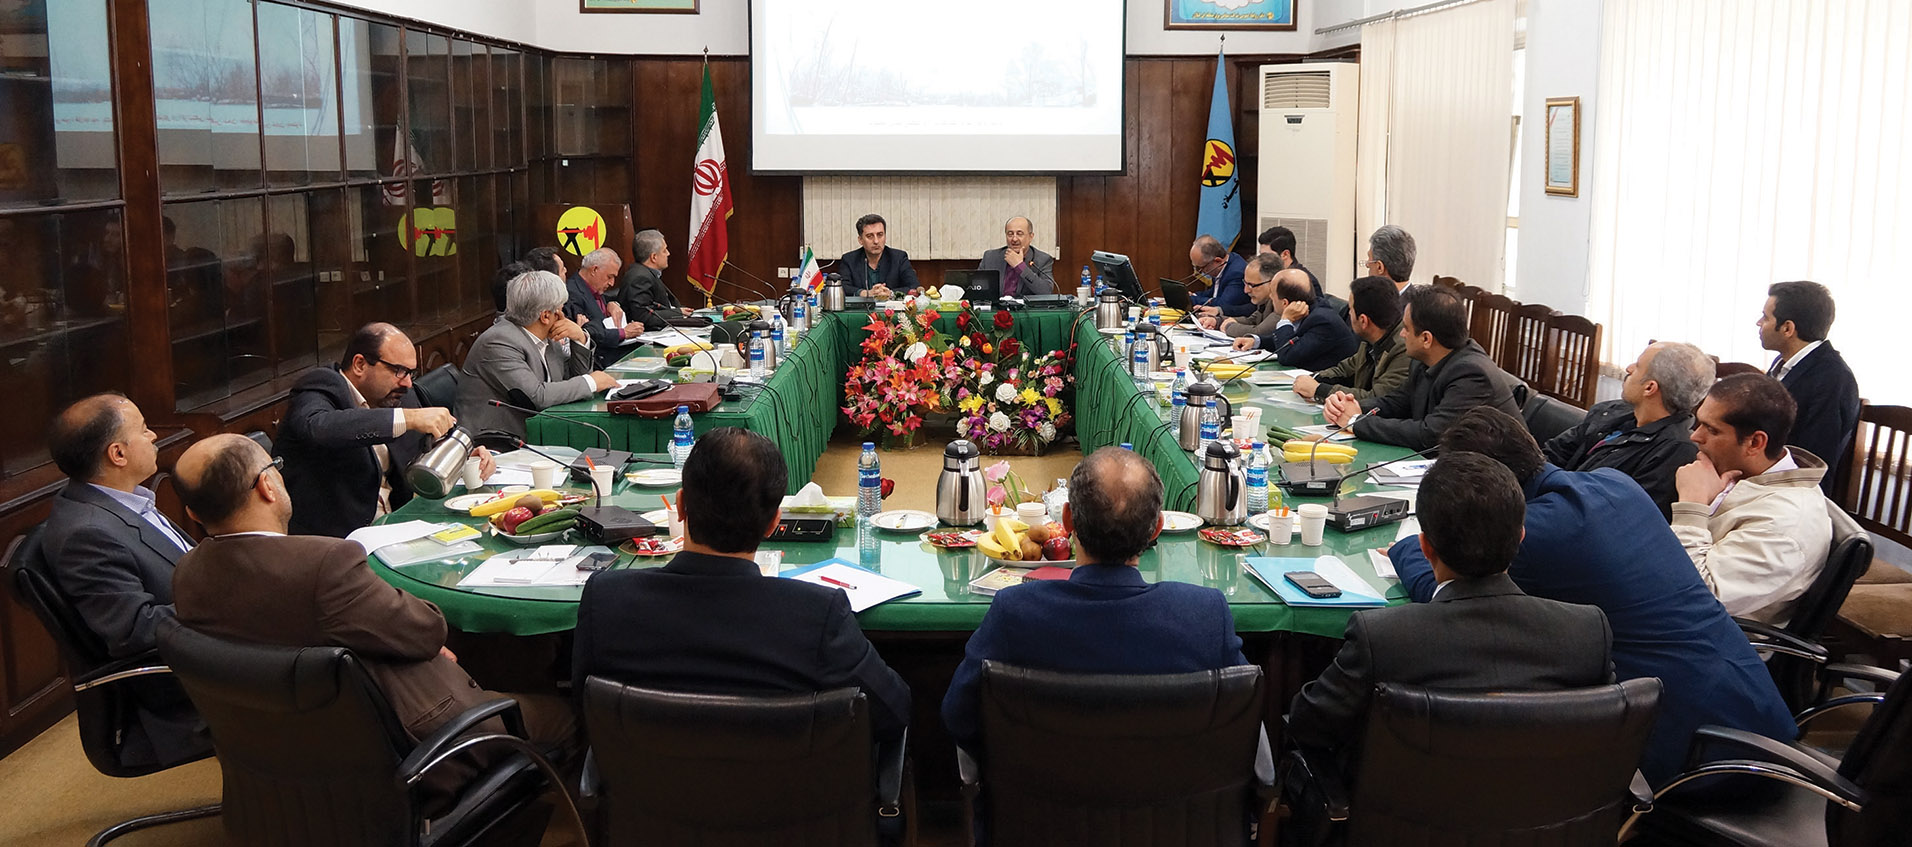 سرمایه گذاری ۶۰ میلیون یورویی توسط سرمایه گذار خارجی در استان گیلان